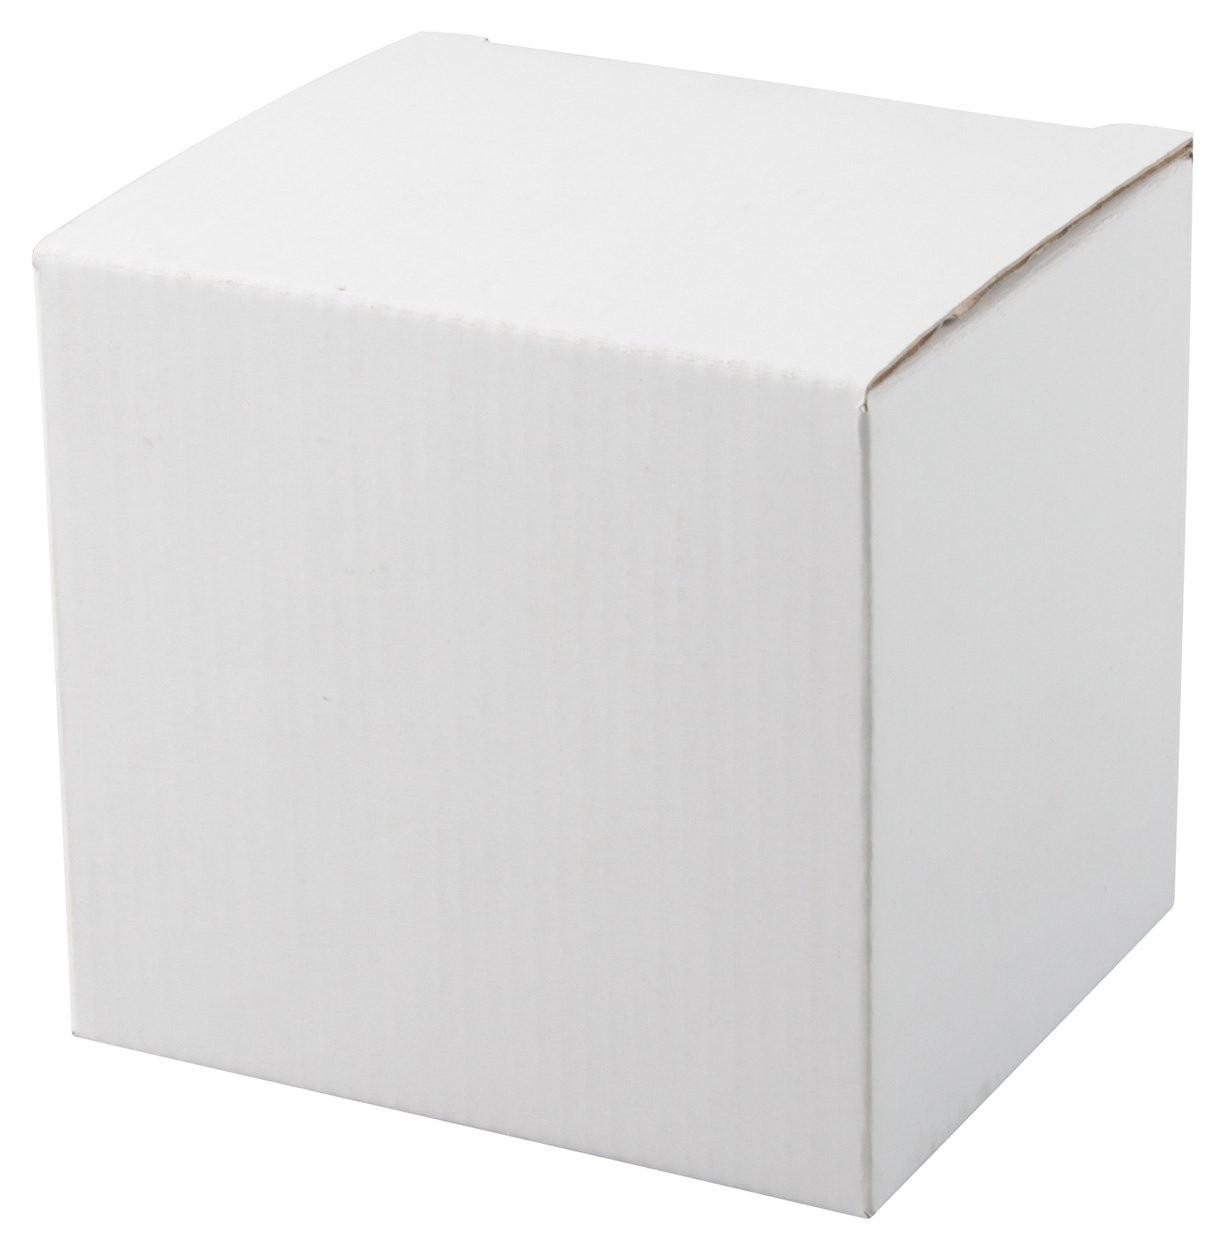 Karton Geschenkbox Three, Ansicht 2